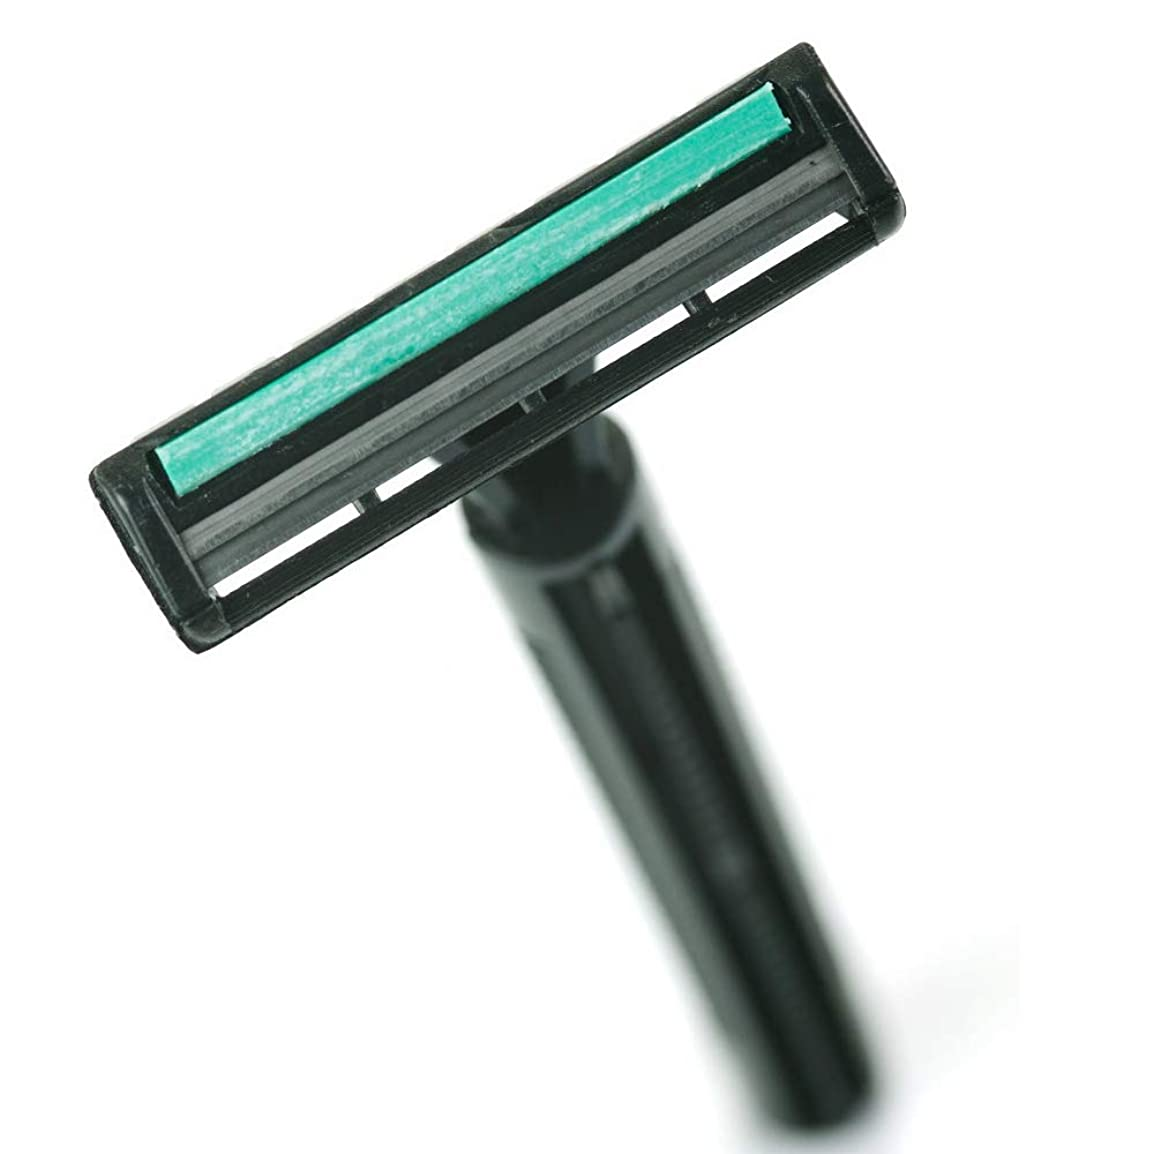 プリーツ生産的名声FASIZ 脱毛器 自宅 永久脱毛 カートリッジ2つ 30万発(脱毛)+10万発(美肌) 照射レベル5段階 男女兼用 液晶LCD脱毛機